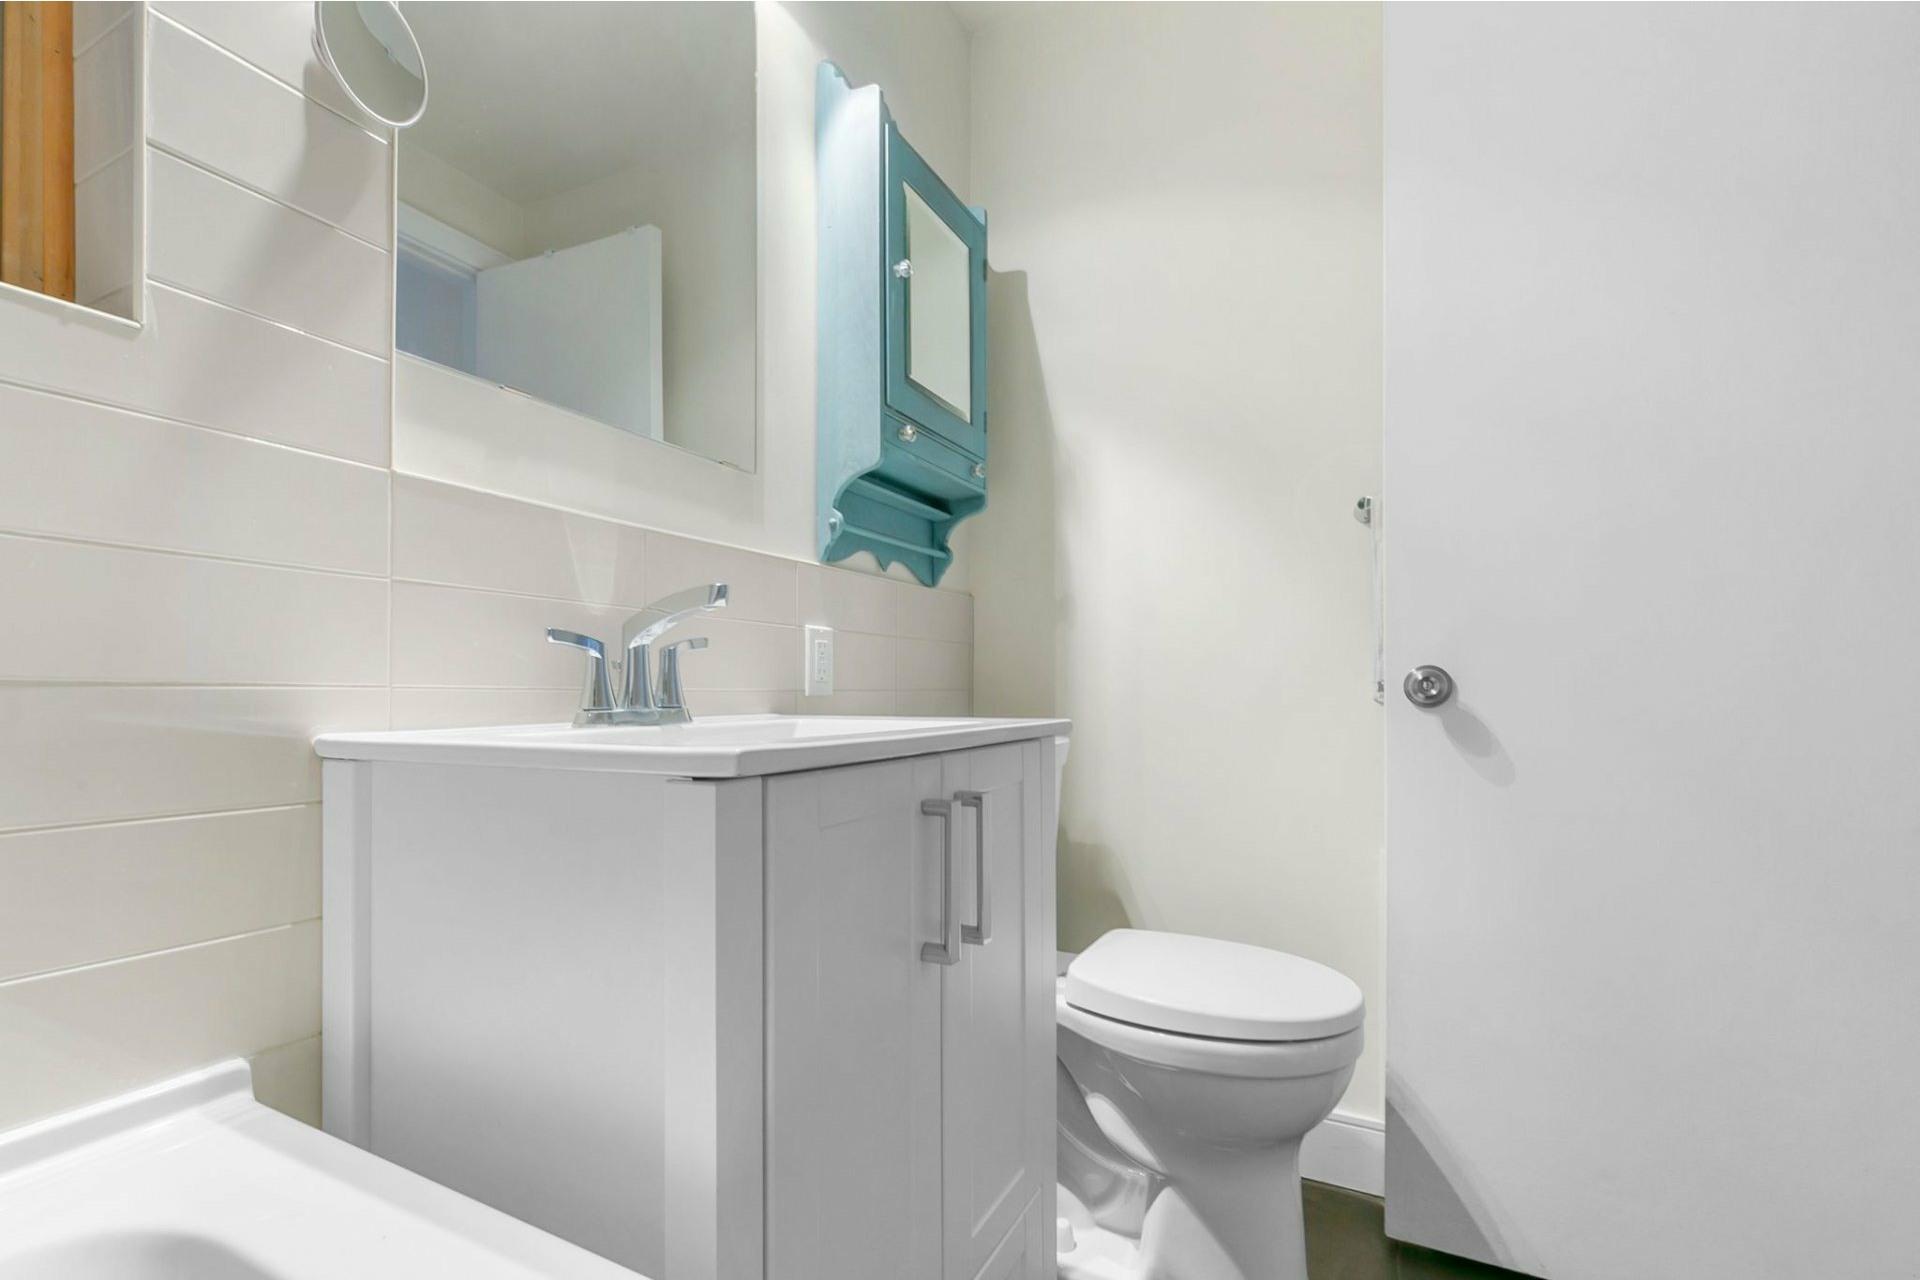 image 19 - Appartement À vendre Côte-des-Neiges/Notre-Dame-de-Grâce Montréal  - 7 pièces